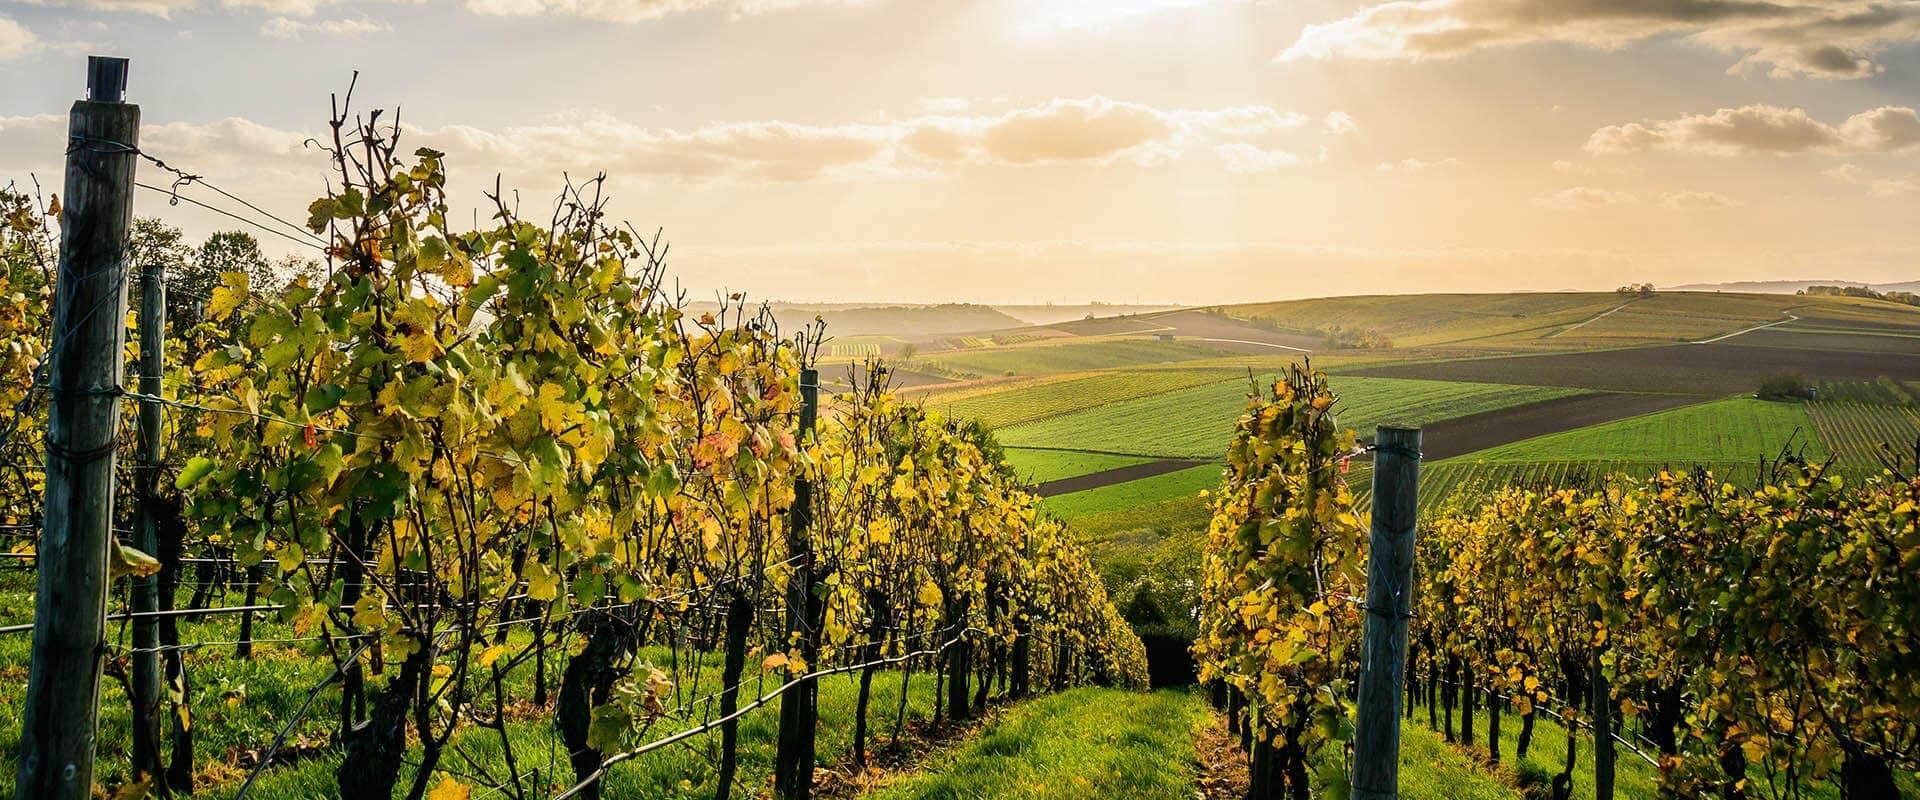 Vineyard Venues